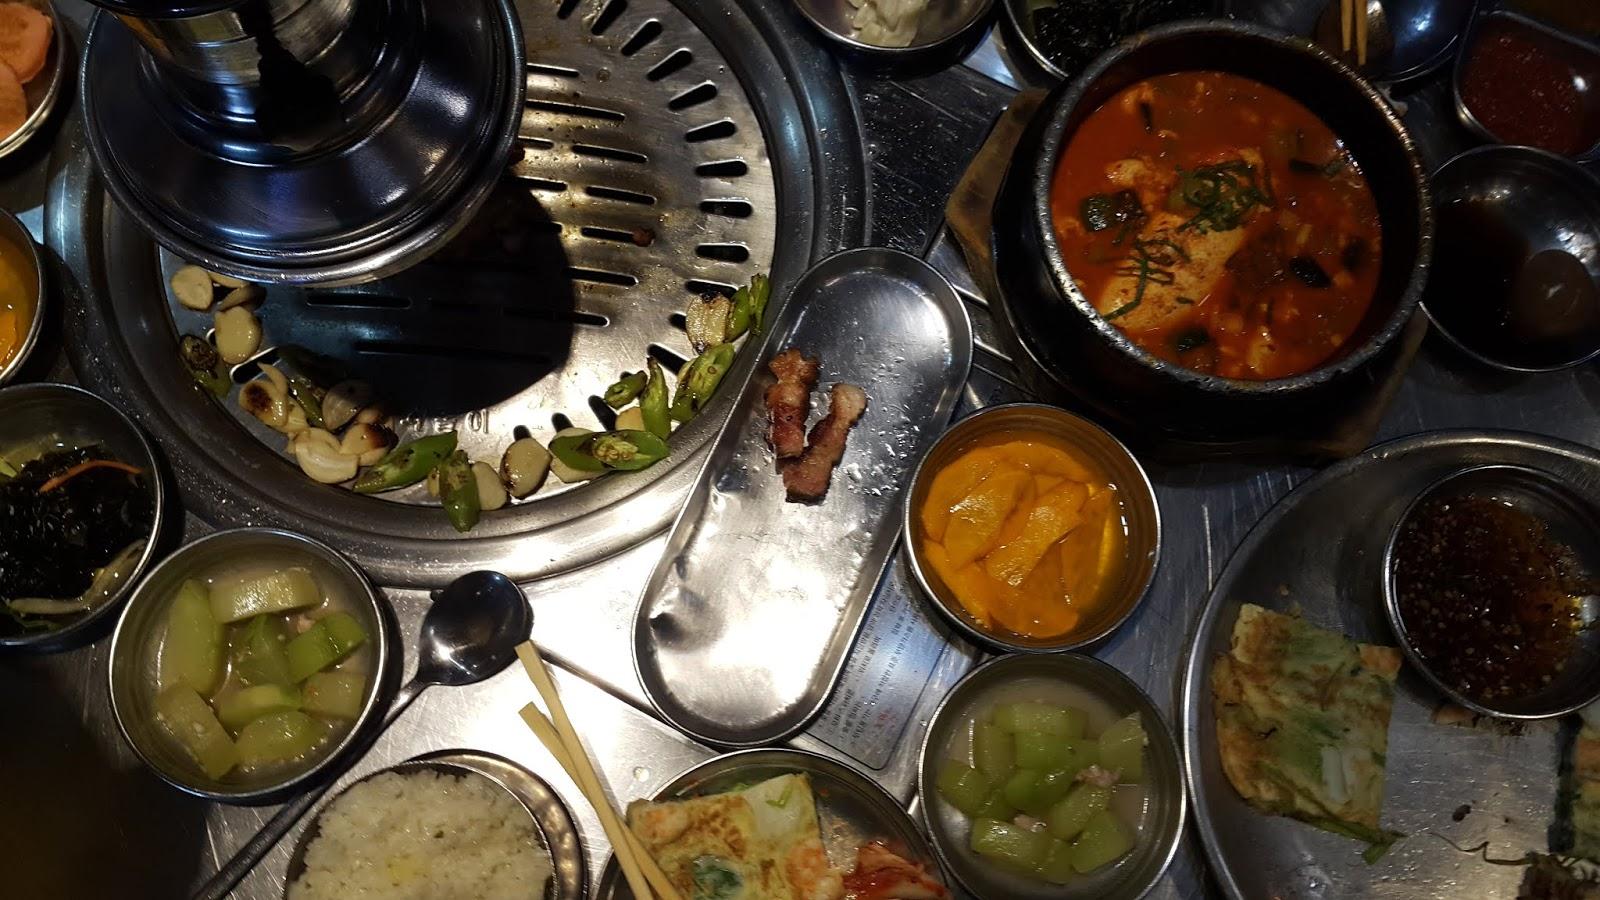 Premium Samgyupsal Experience at Songdowon Korean Grill